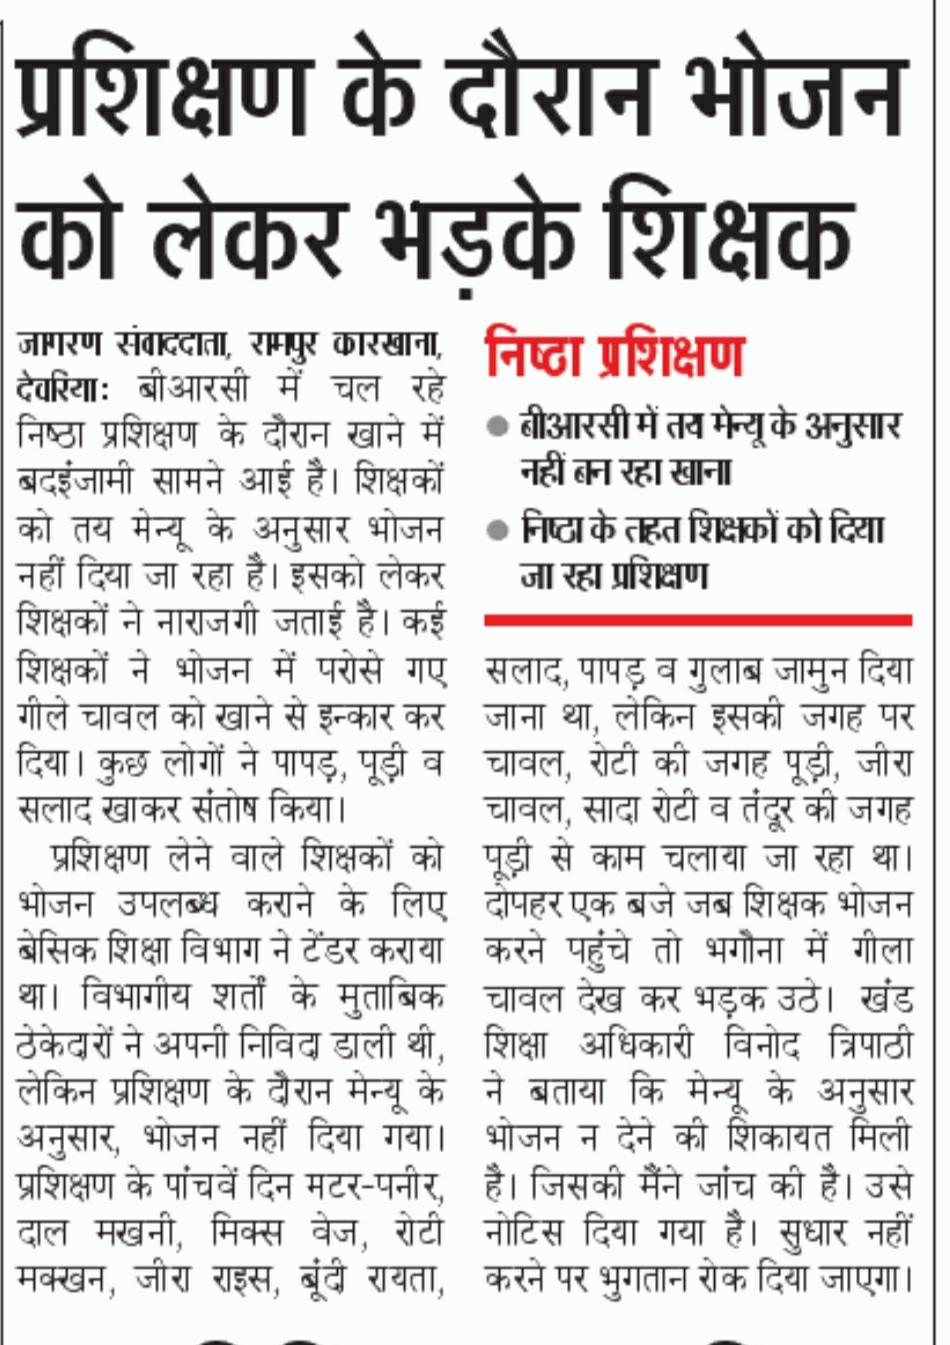 निष्ठा प्रशिक्षण: तय मेन्यू के अनुसार नही बन रहा भोजन, प्रशिक्षण के दौरान भोजन को लेकर भड़के शिक्षक